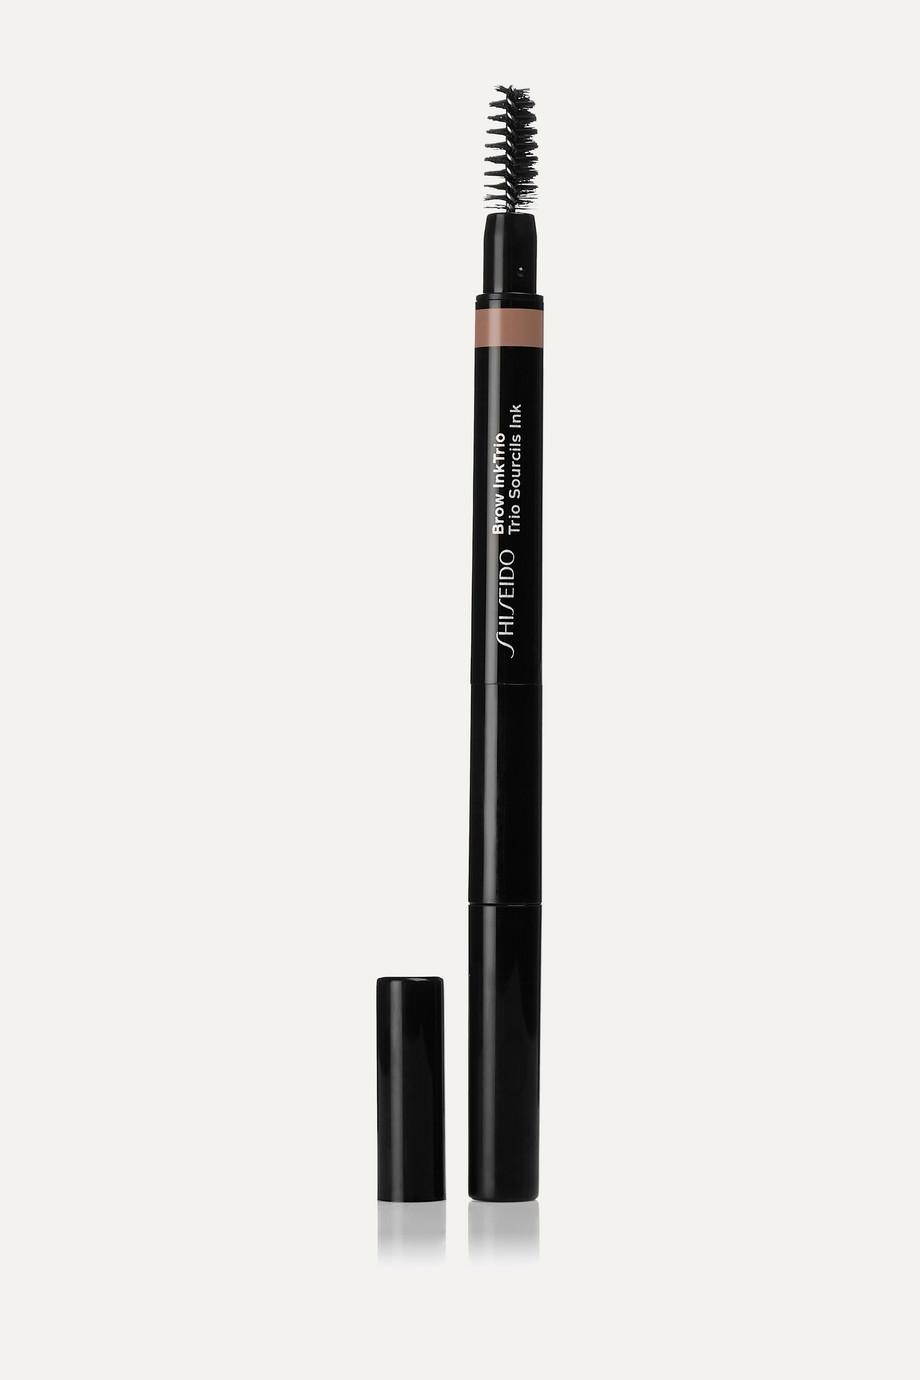 Shiseido Brow InkTrio – Blonde 01 – Augenbrauenstift